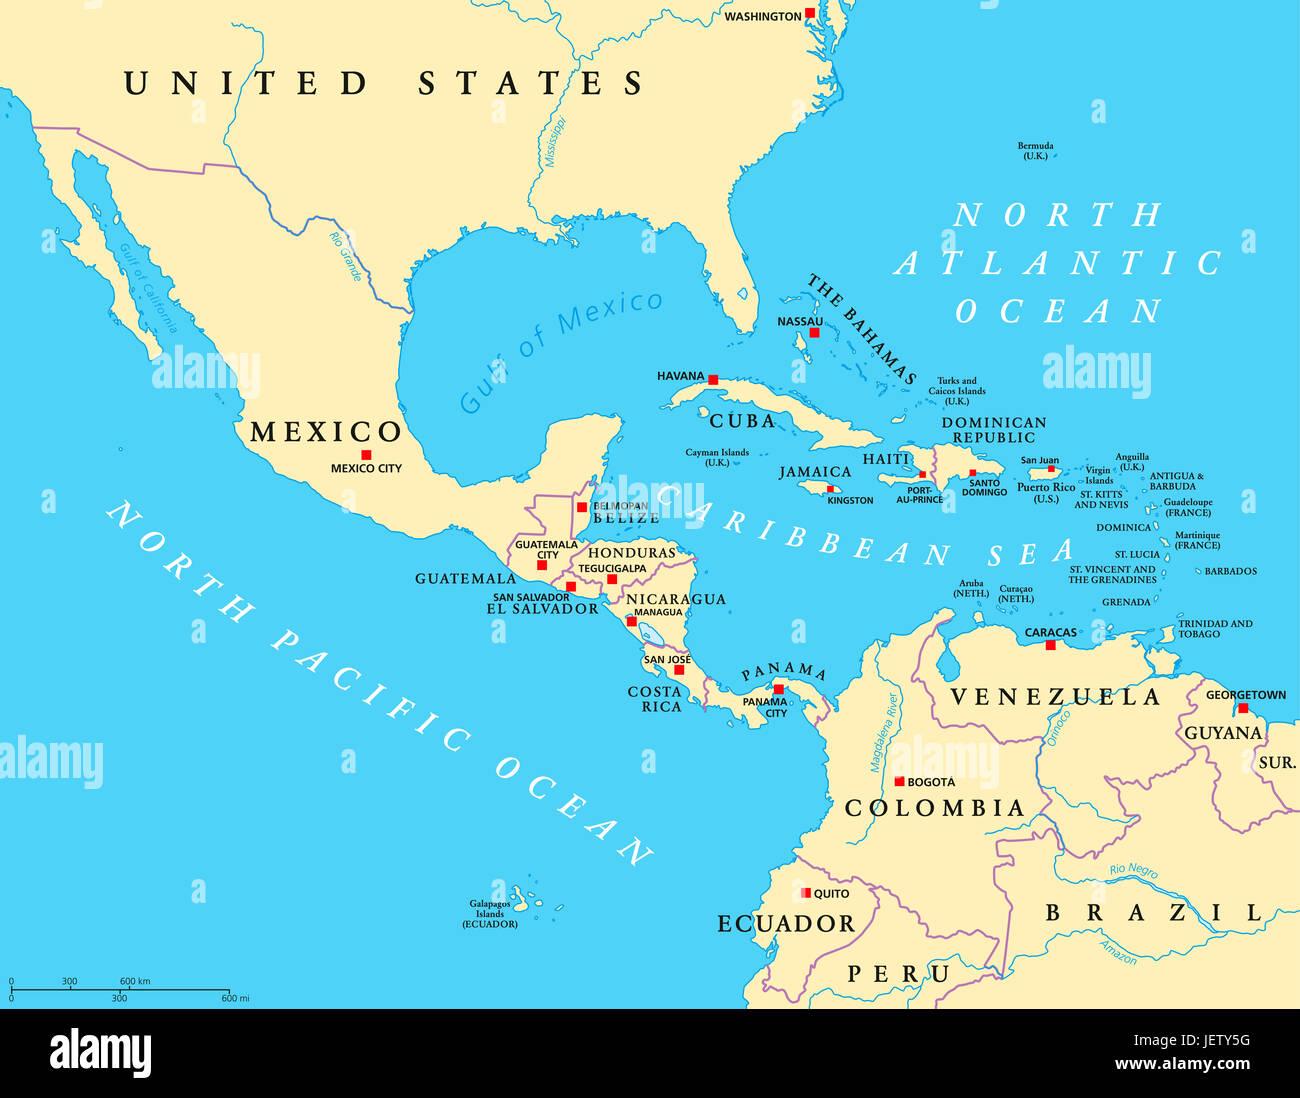 Physische Karte Lateinamerika.Zentralamerika Karte Stockfotos Zentralamerika Karte